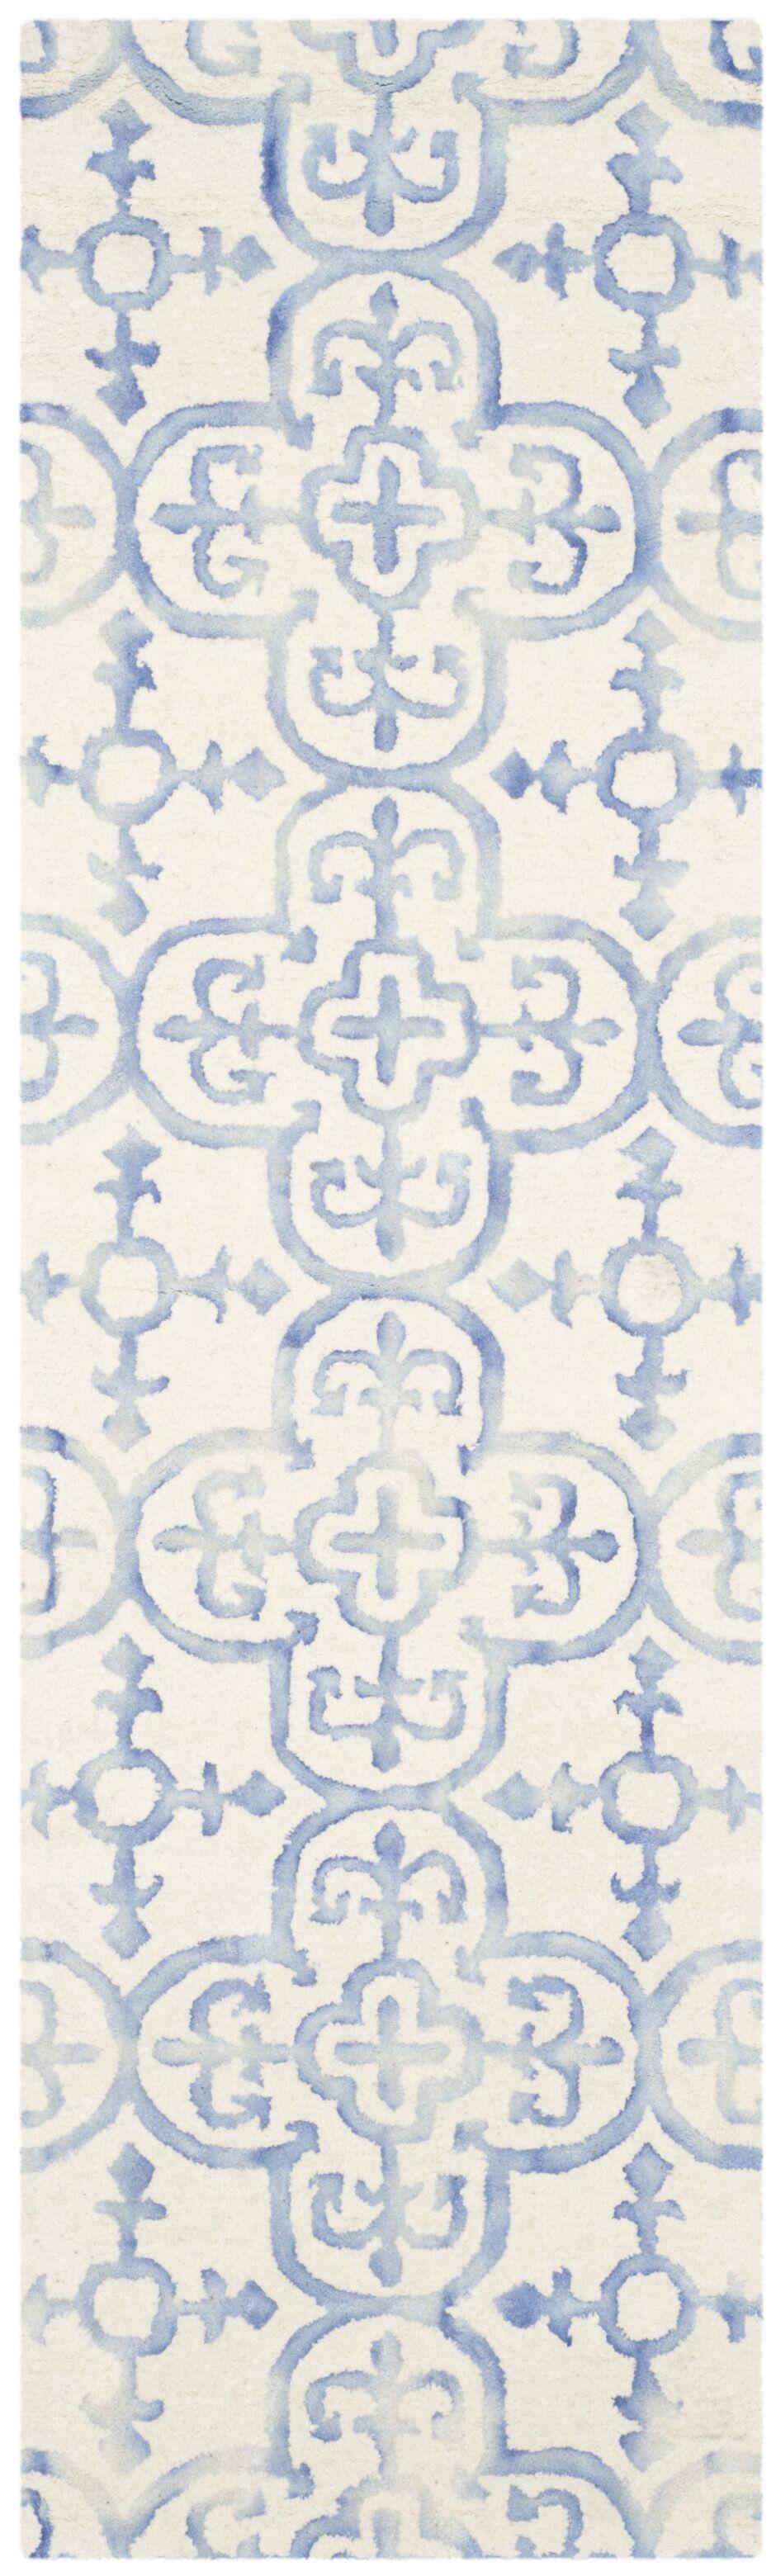 Carter Hand-Tufted Ivory/Blue Area Rug Rug Size: Runner 2'3